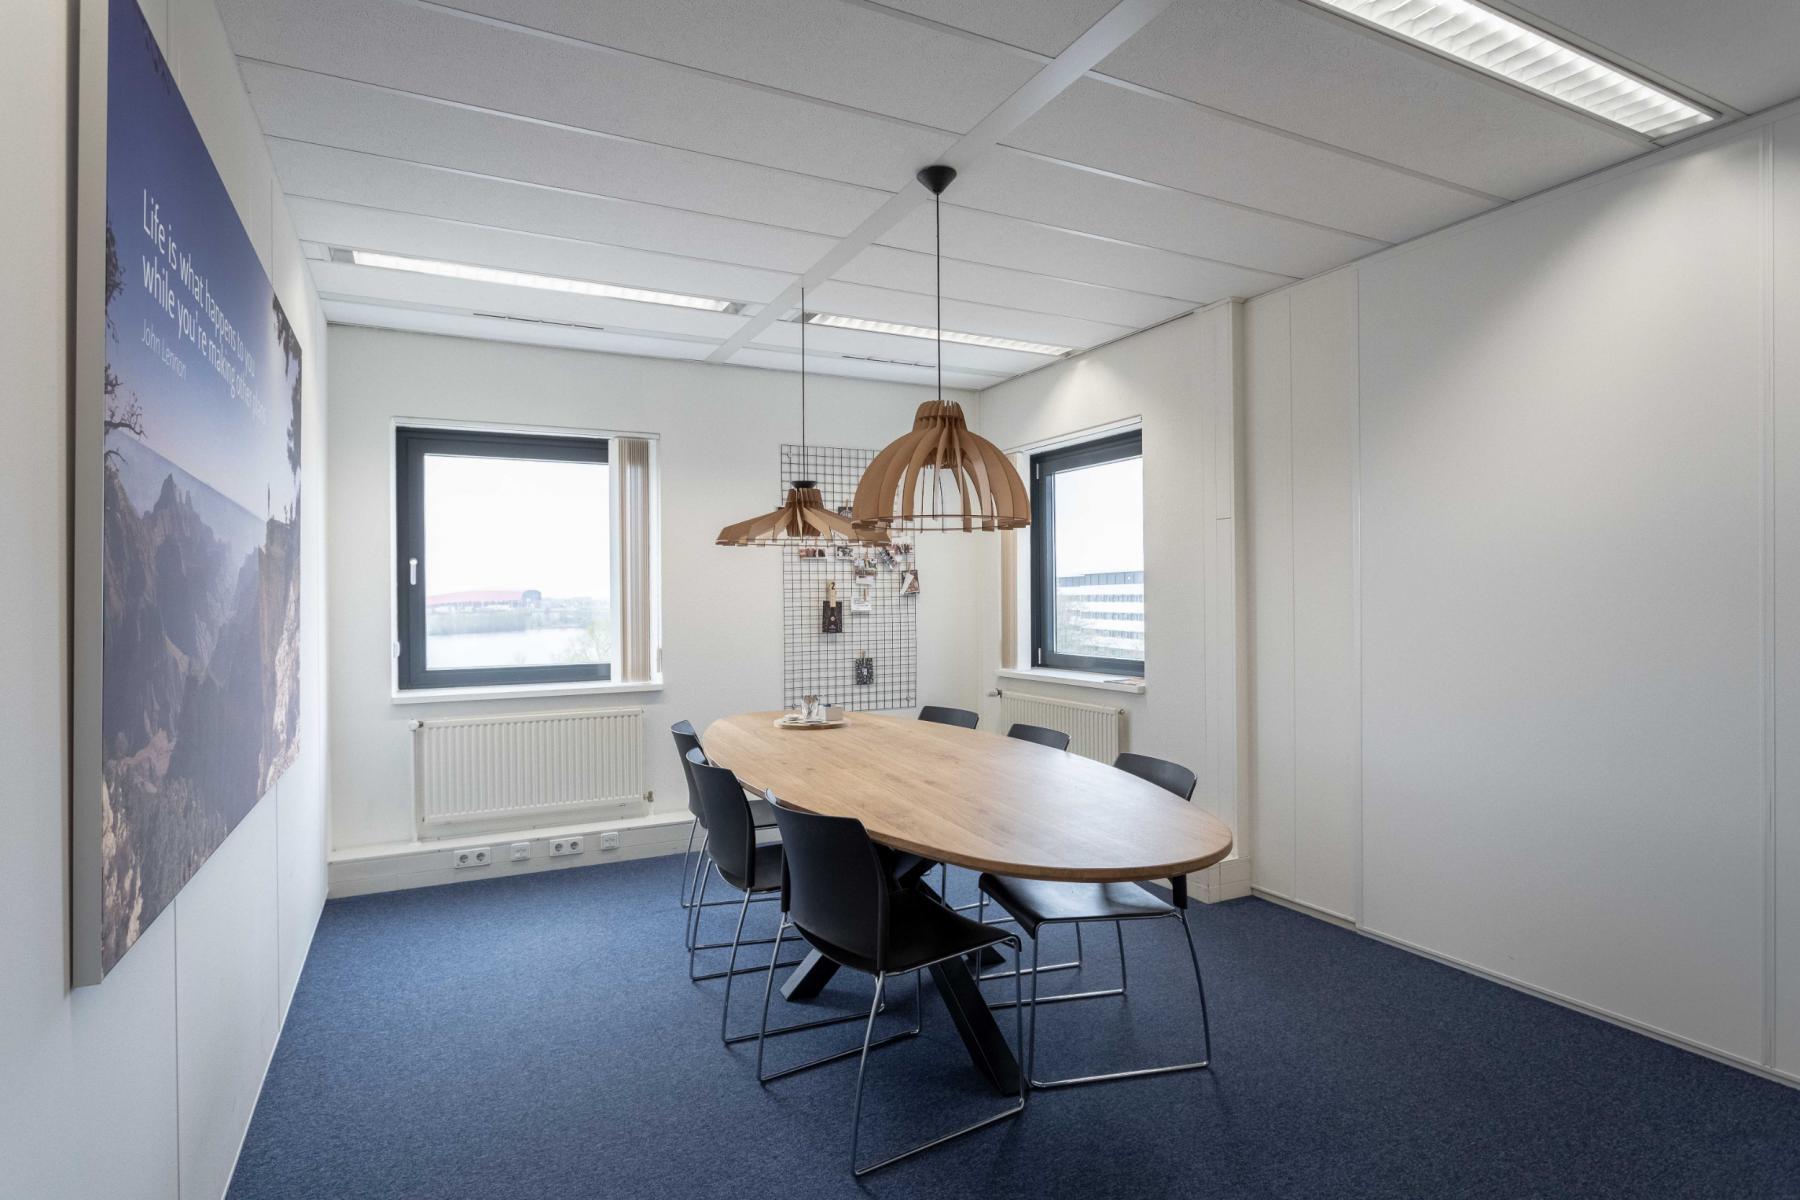 Rent office space Atoomweg 63, Utrecht (41)